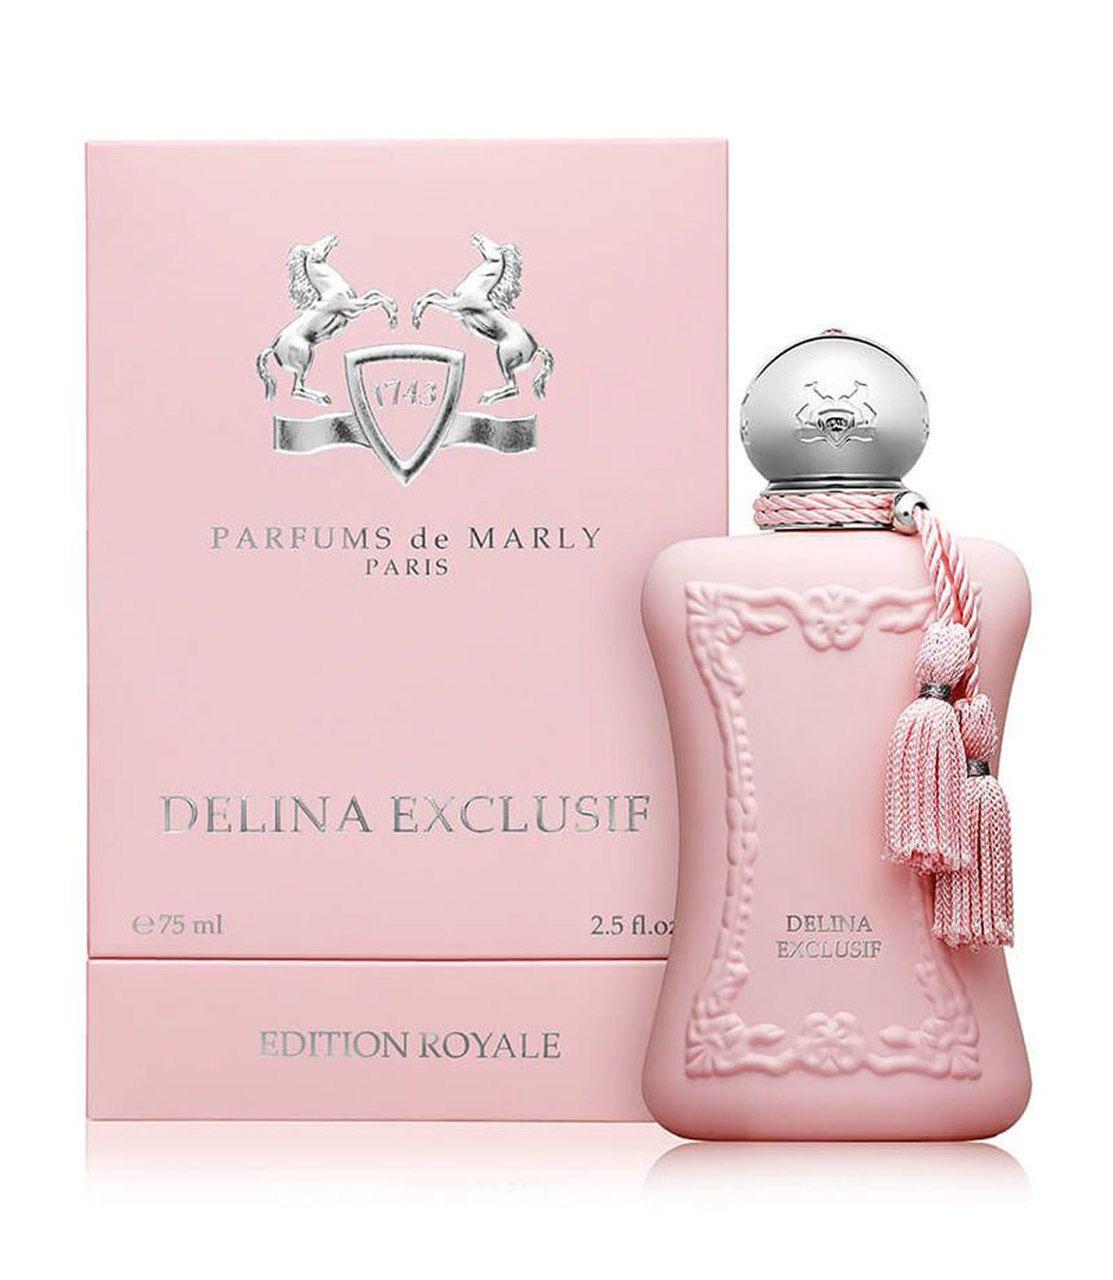 Parfums De Marly Delina Exclusif Eau De Parfum Spray 2.5 oz